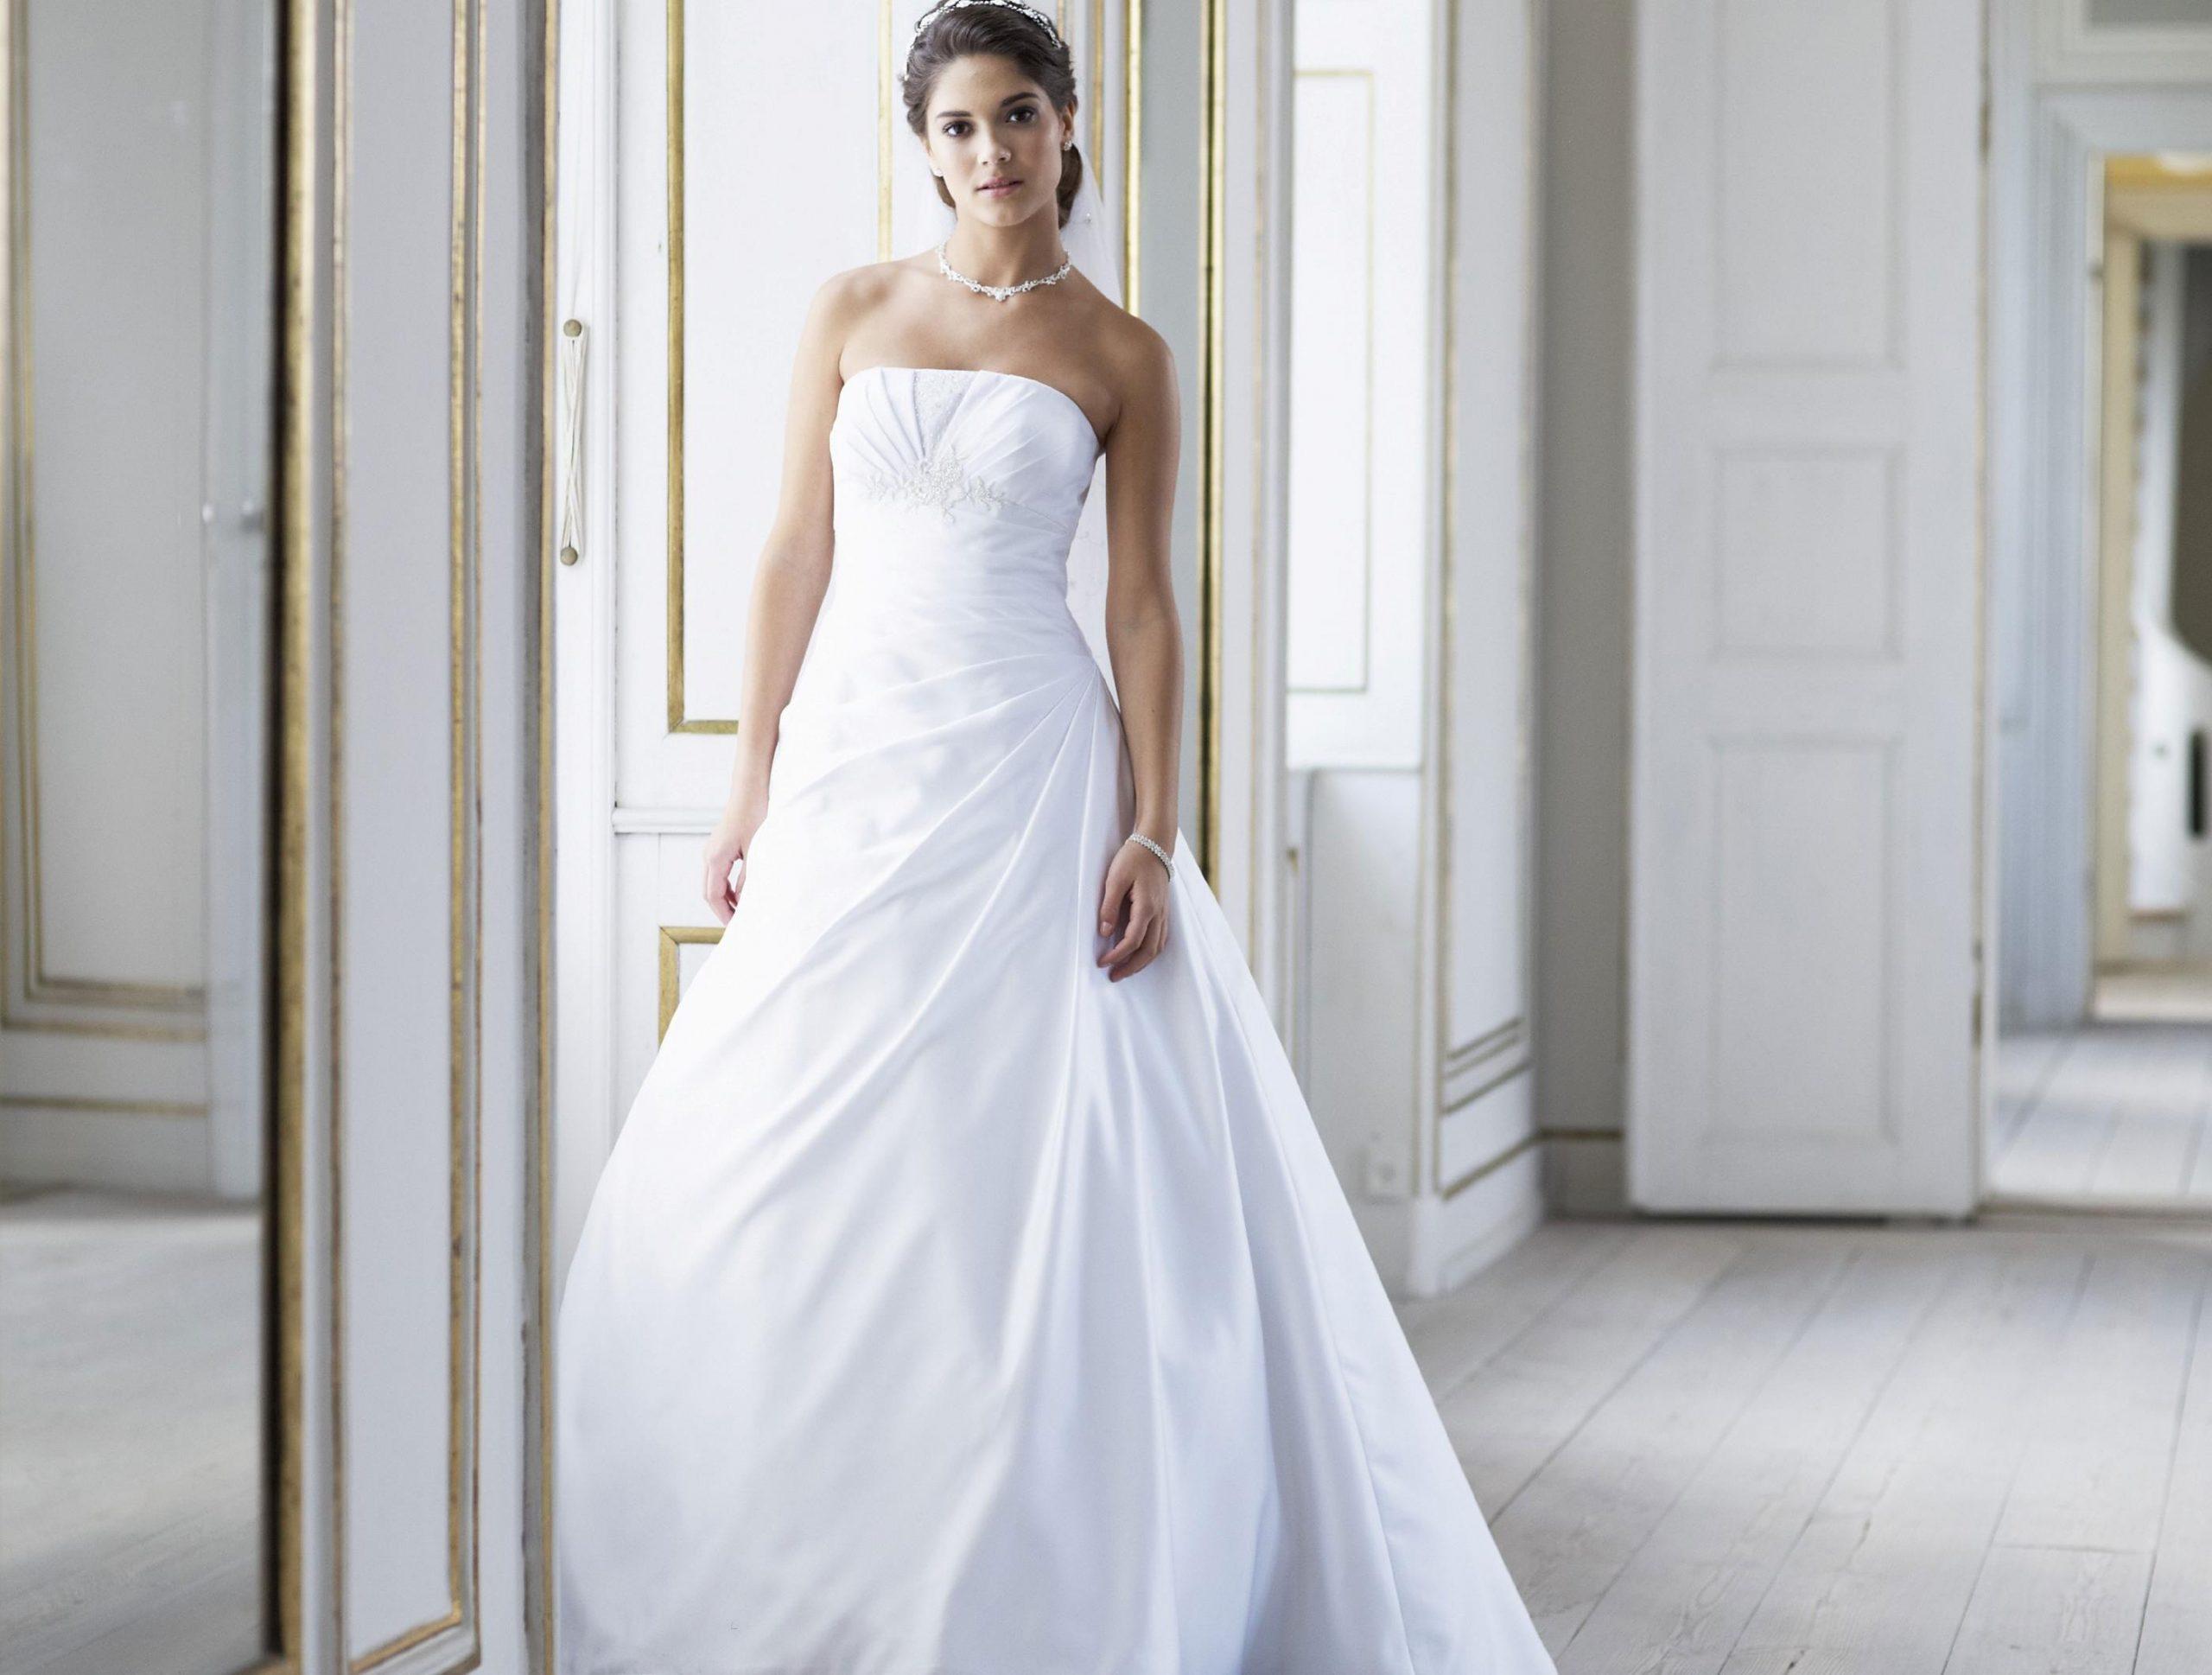 Perfekt Abendkleid Verleih Wien Vertrieb10 Luxurius Abendkleid Verleih Wien Vertrieb